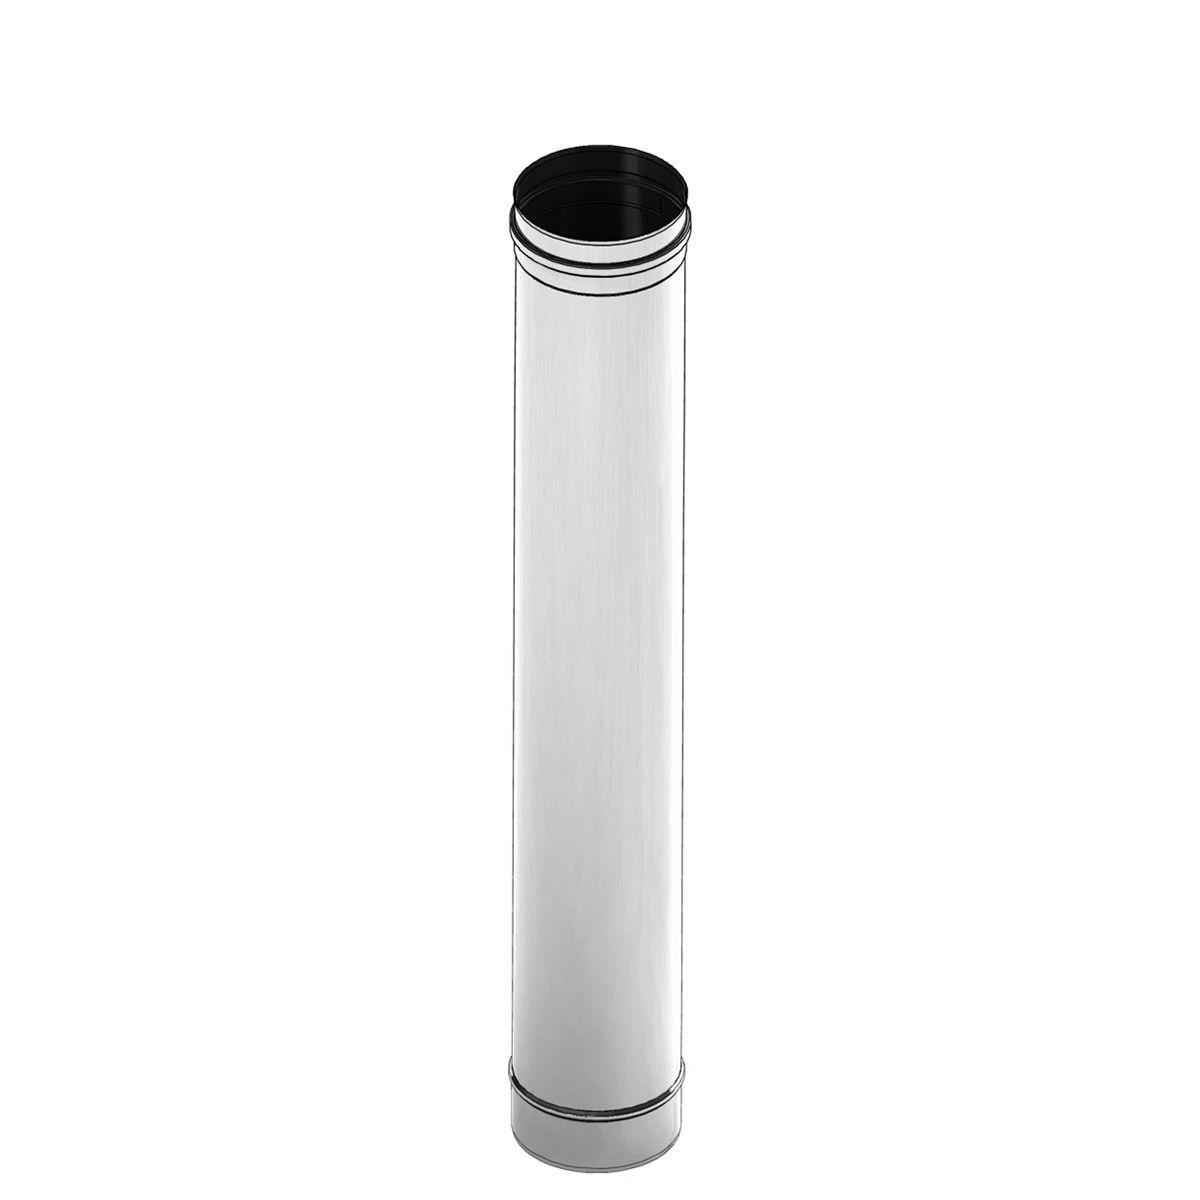 Einwandiges feuchtigkeits- unempfindliches Längenelement 1000 mm - Durchmesser: 150 mm